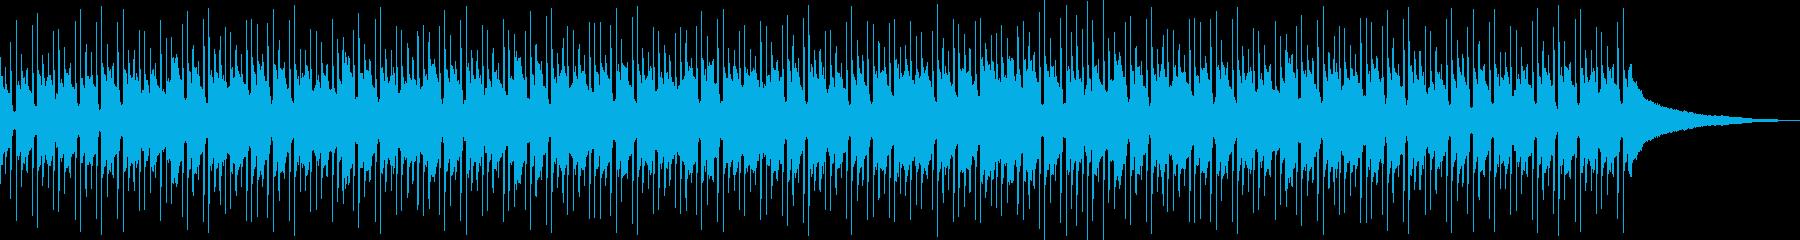 ボサノバ調のほのぼの雰囲気ポップスの再生済みの波形